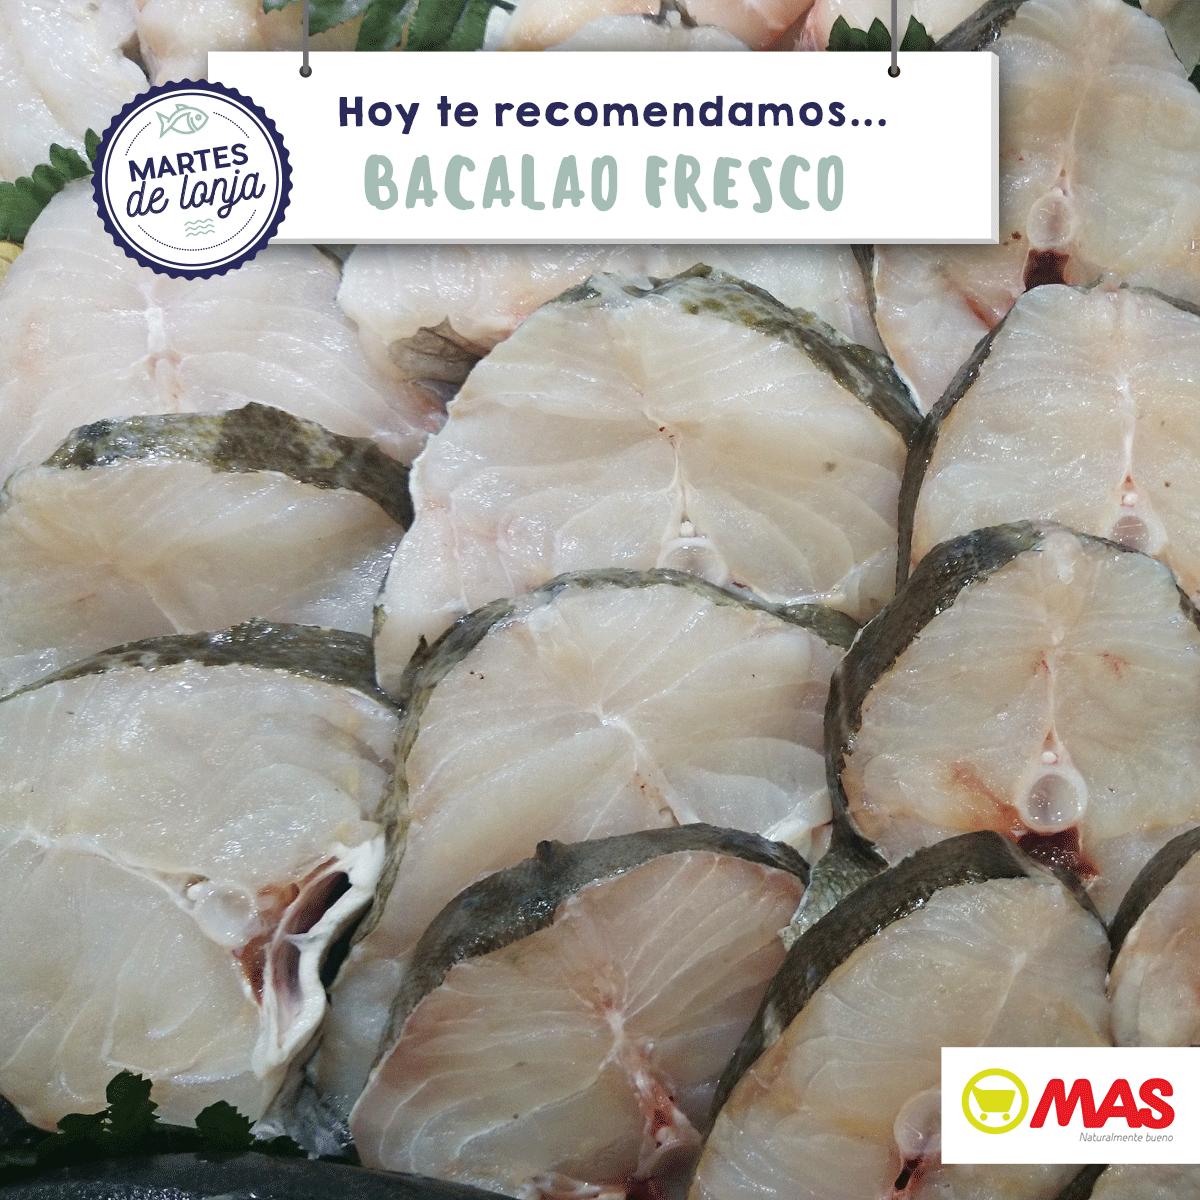 ¿Has probado ya el bacalao fresco? Pídenos que te lo cortemos en rodajas, ¡está buenísimo! Descubre recetas de bacalao en salsa: http://bit.ly/10RecetasFacilesBacalao